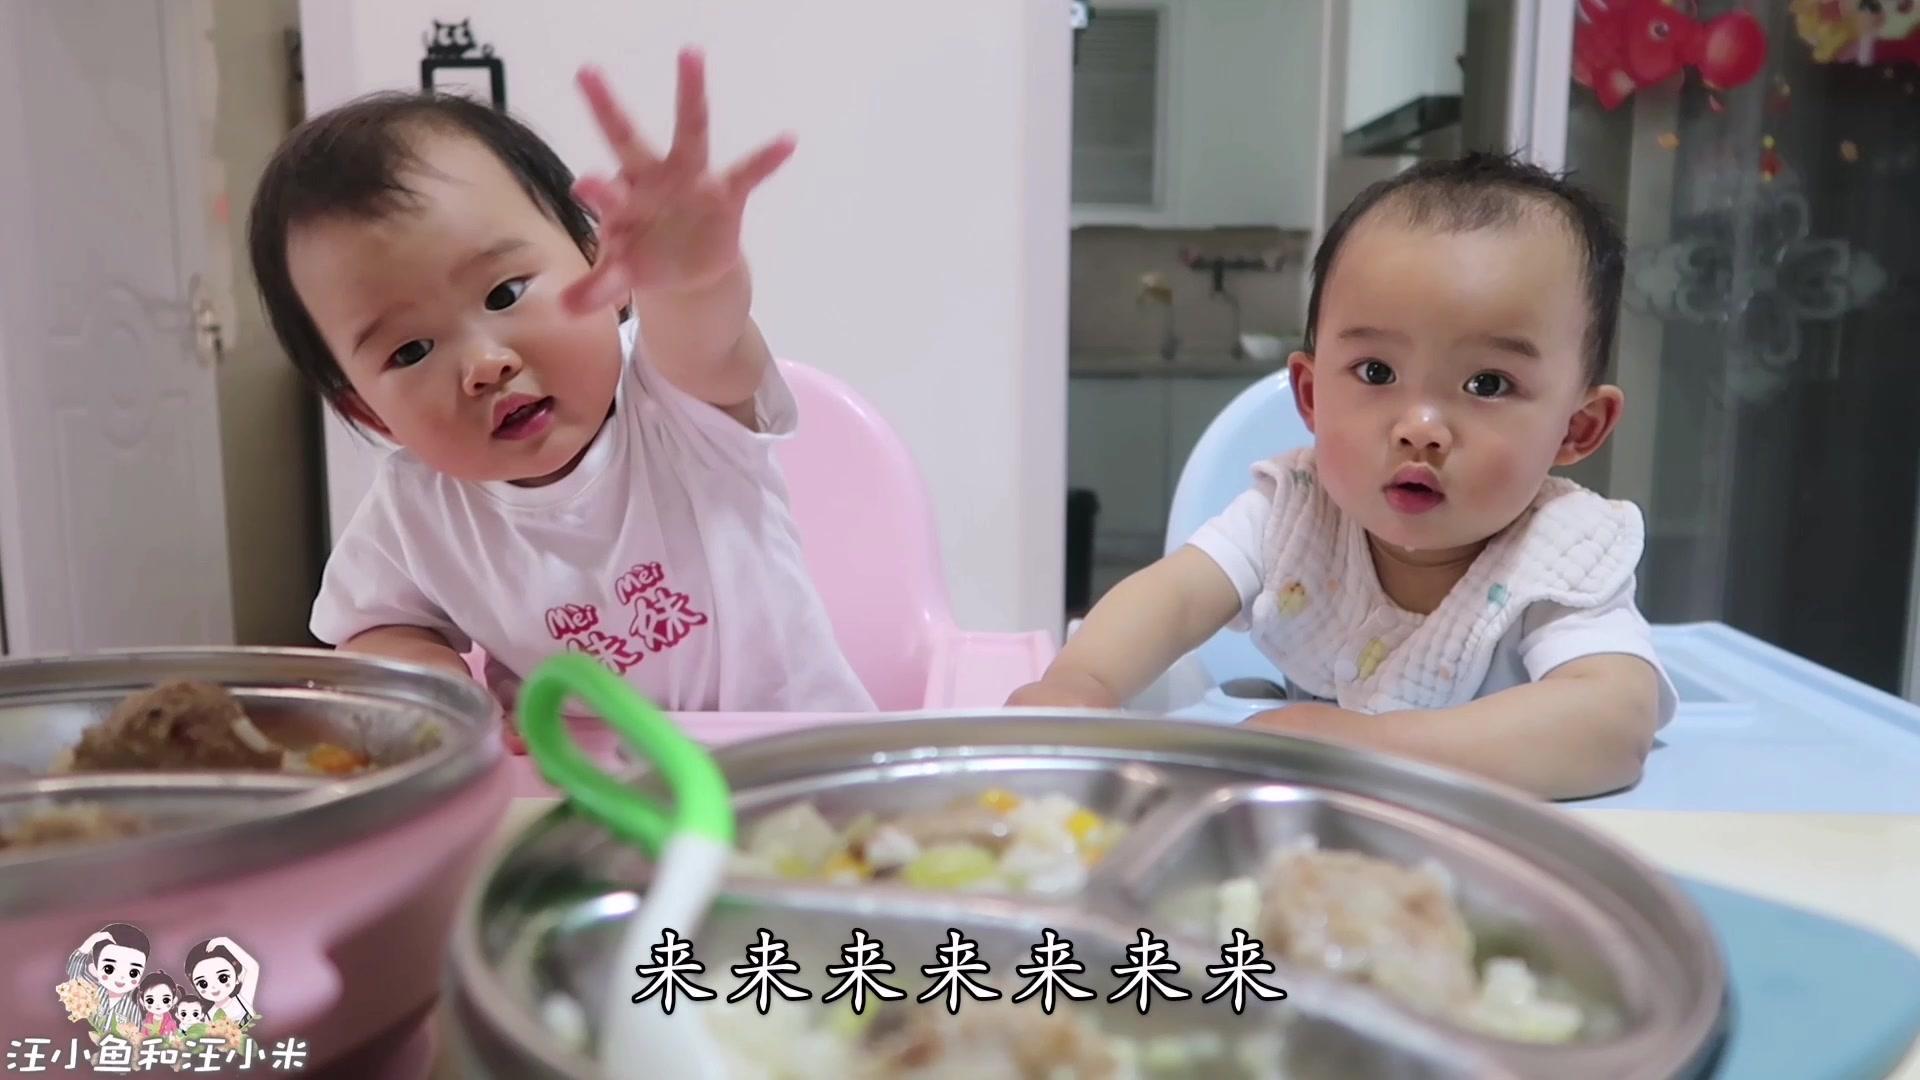 双胞胎一人啃三块排骨,还不过瘾,妹妹小奶音哀求要加肉,太酥了